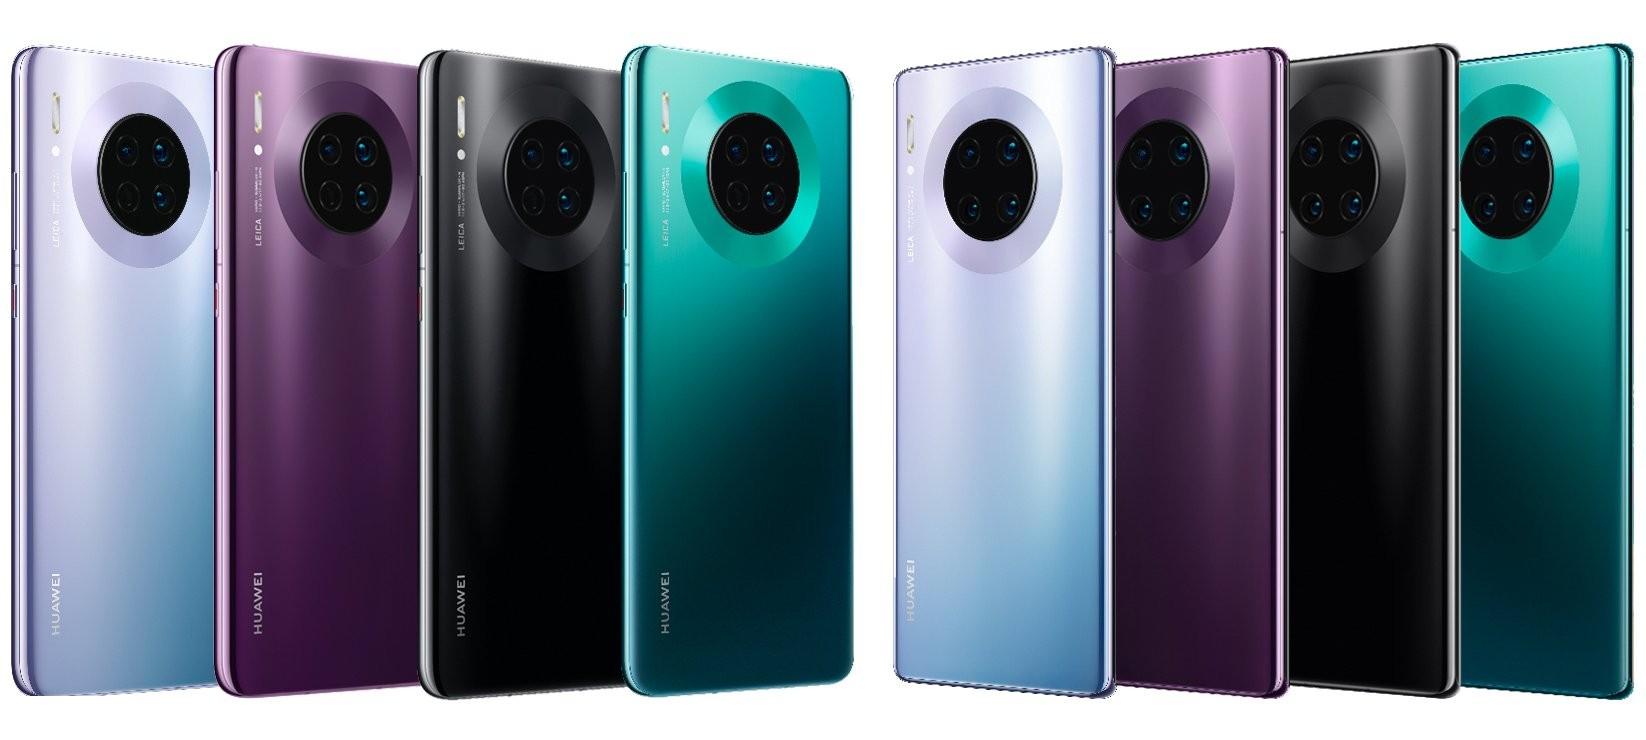 Рейтинг лучших смартфонов в 2021 году (май)